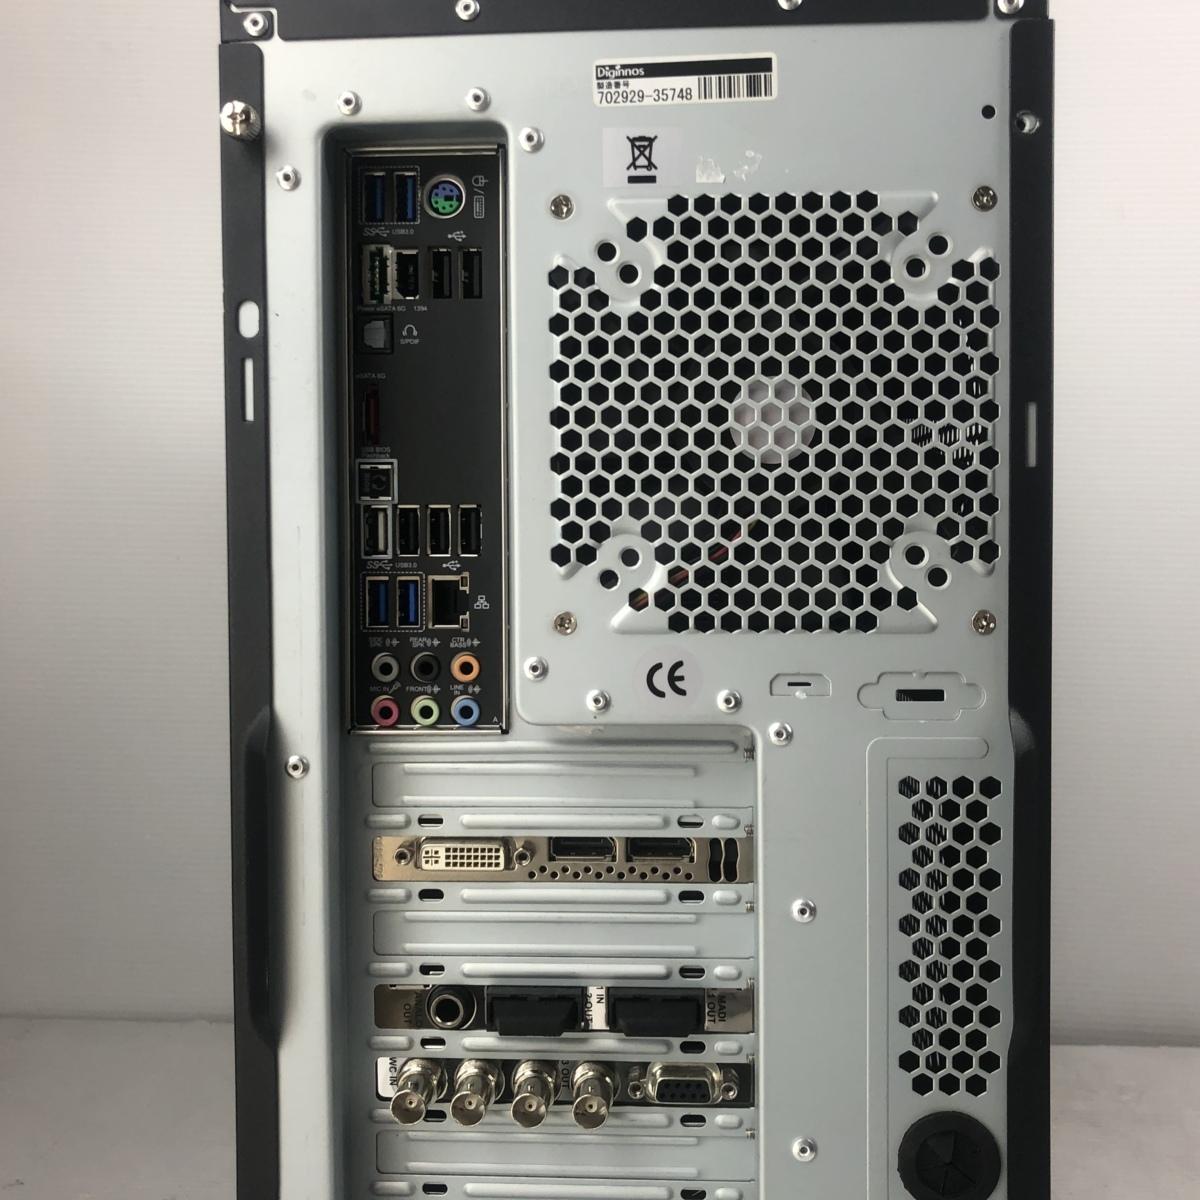 超大容量新品SSD480GB+HDD2TB★自作 高速★6コア i7 3930K★3.8G*12/メモリ16G/Quadro4000/Office2016/DVDスーパーマルチ/USB無線_画像4